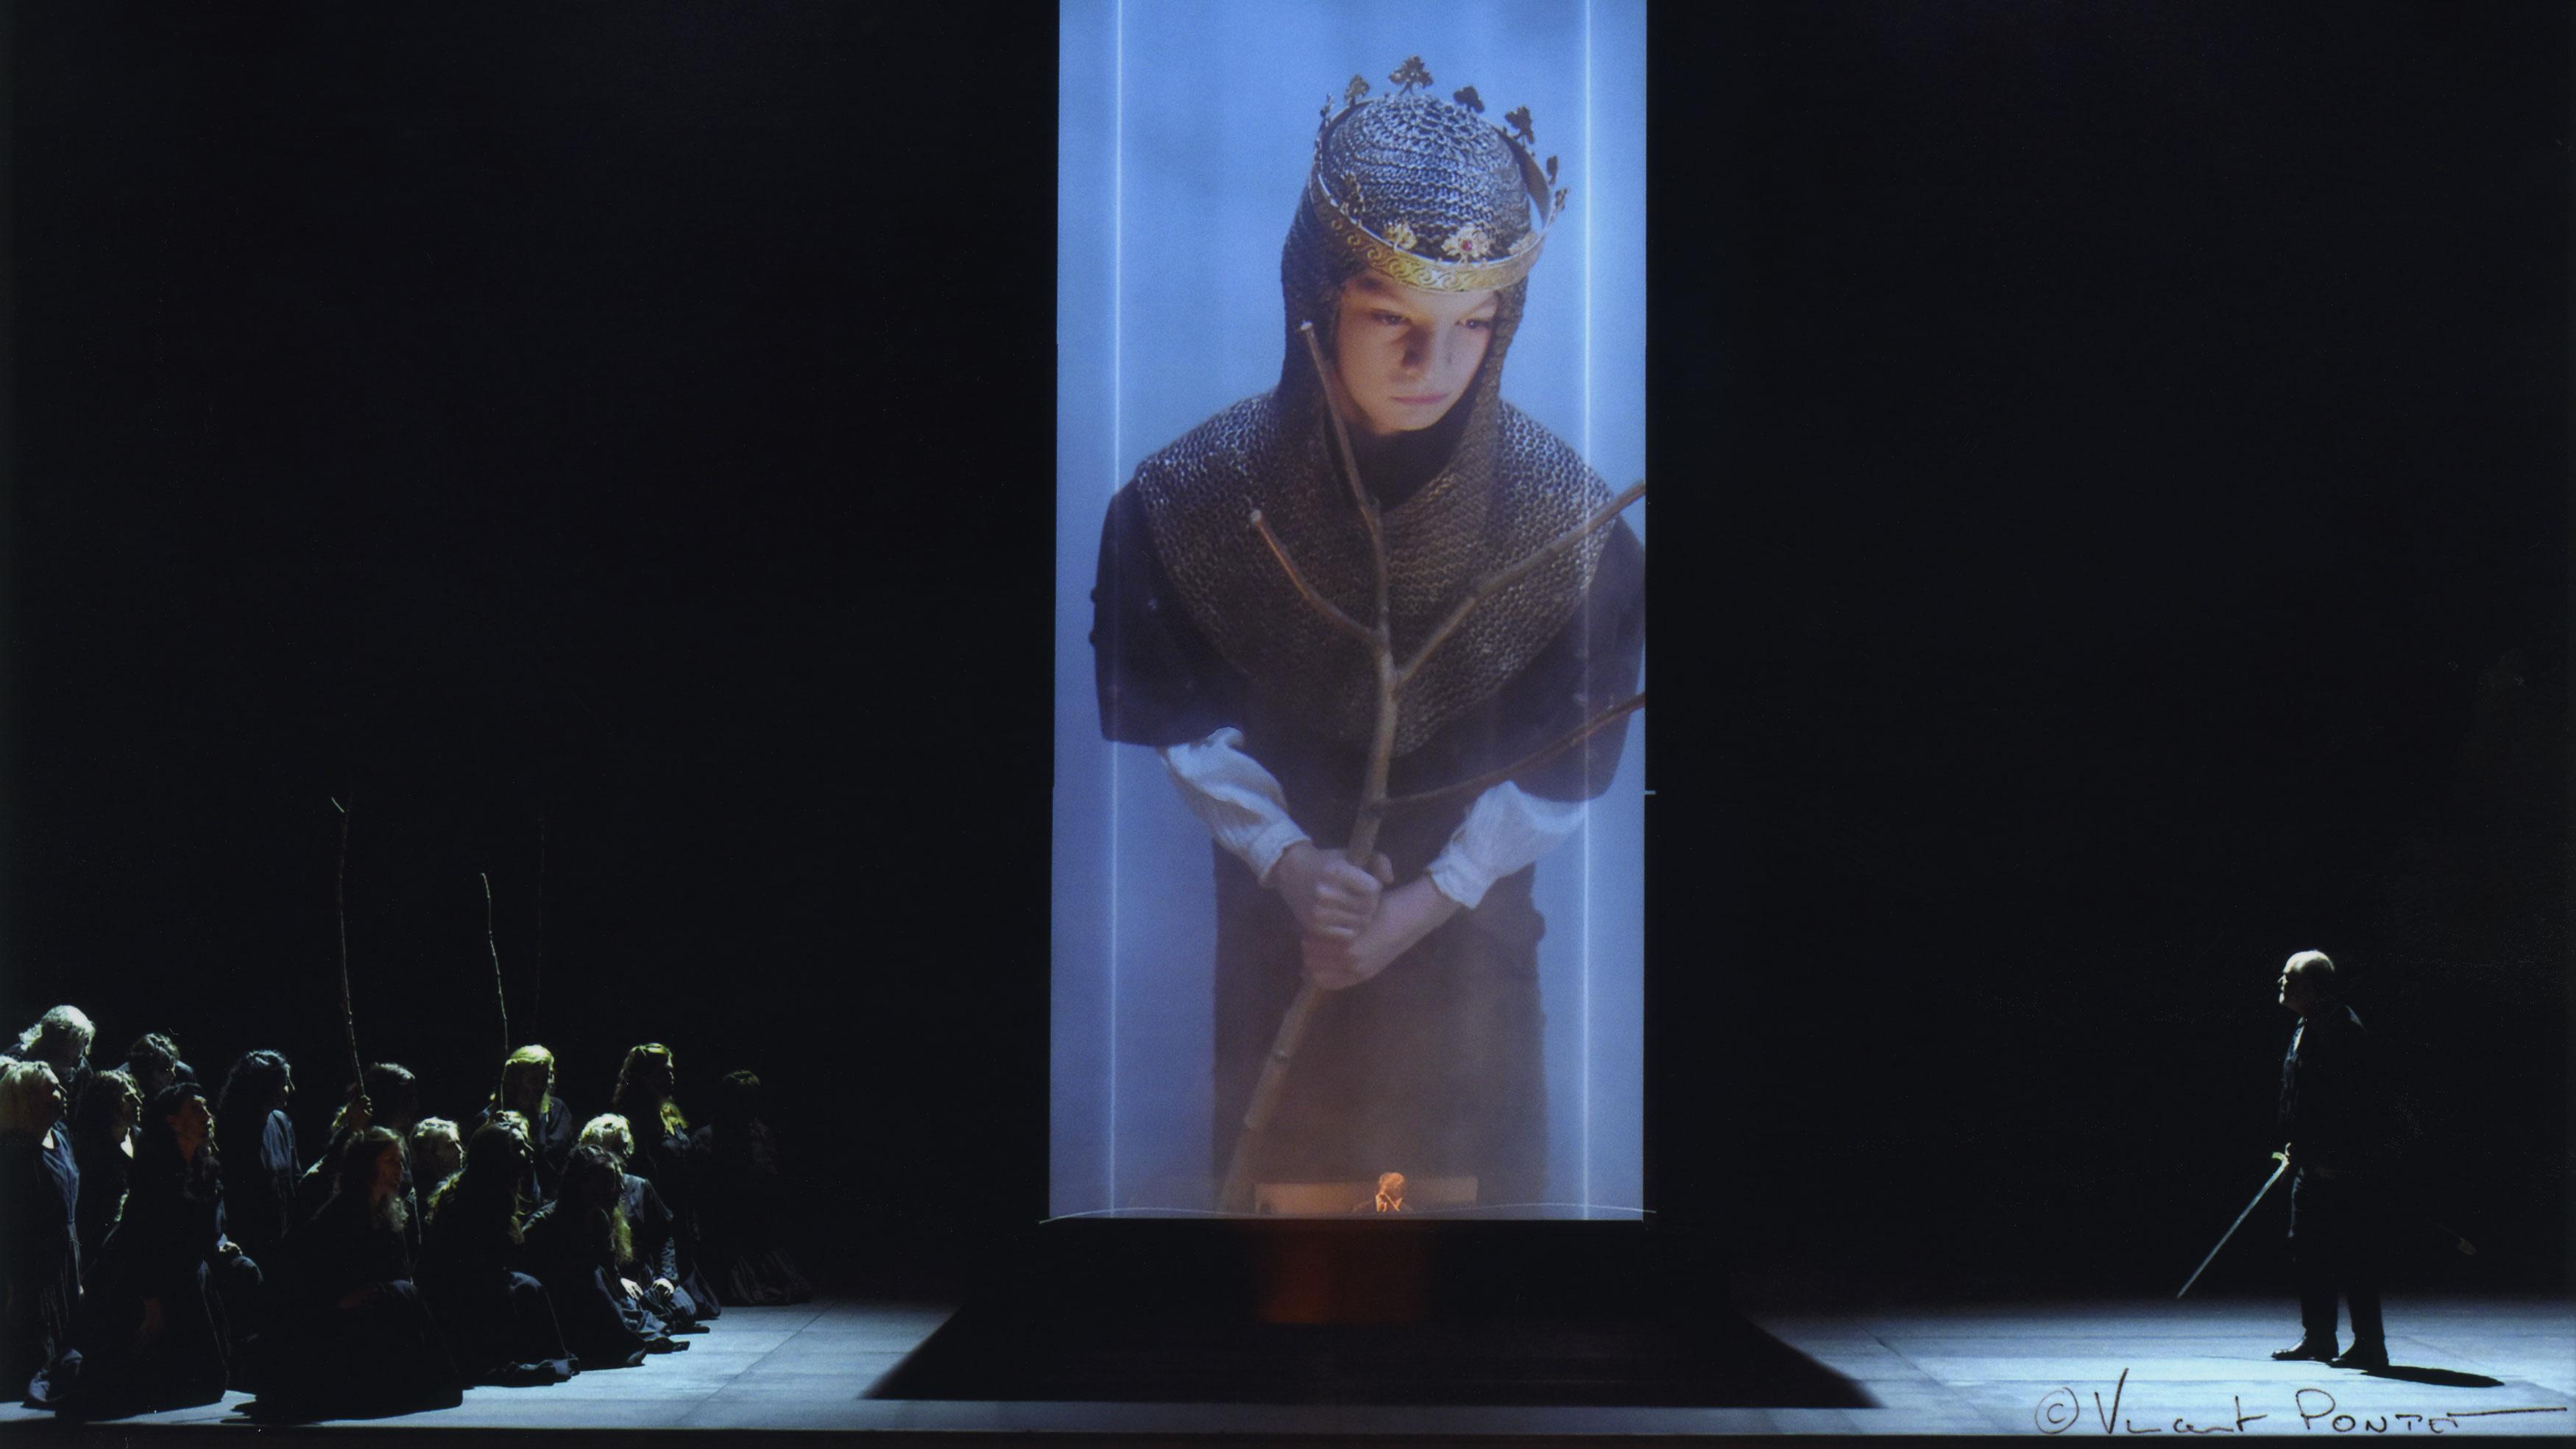 Macbeth_Mario-Martone-1